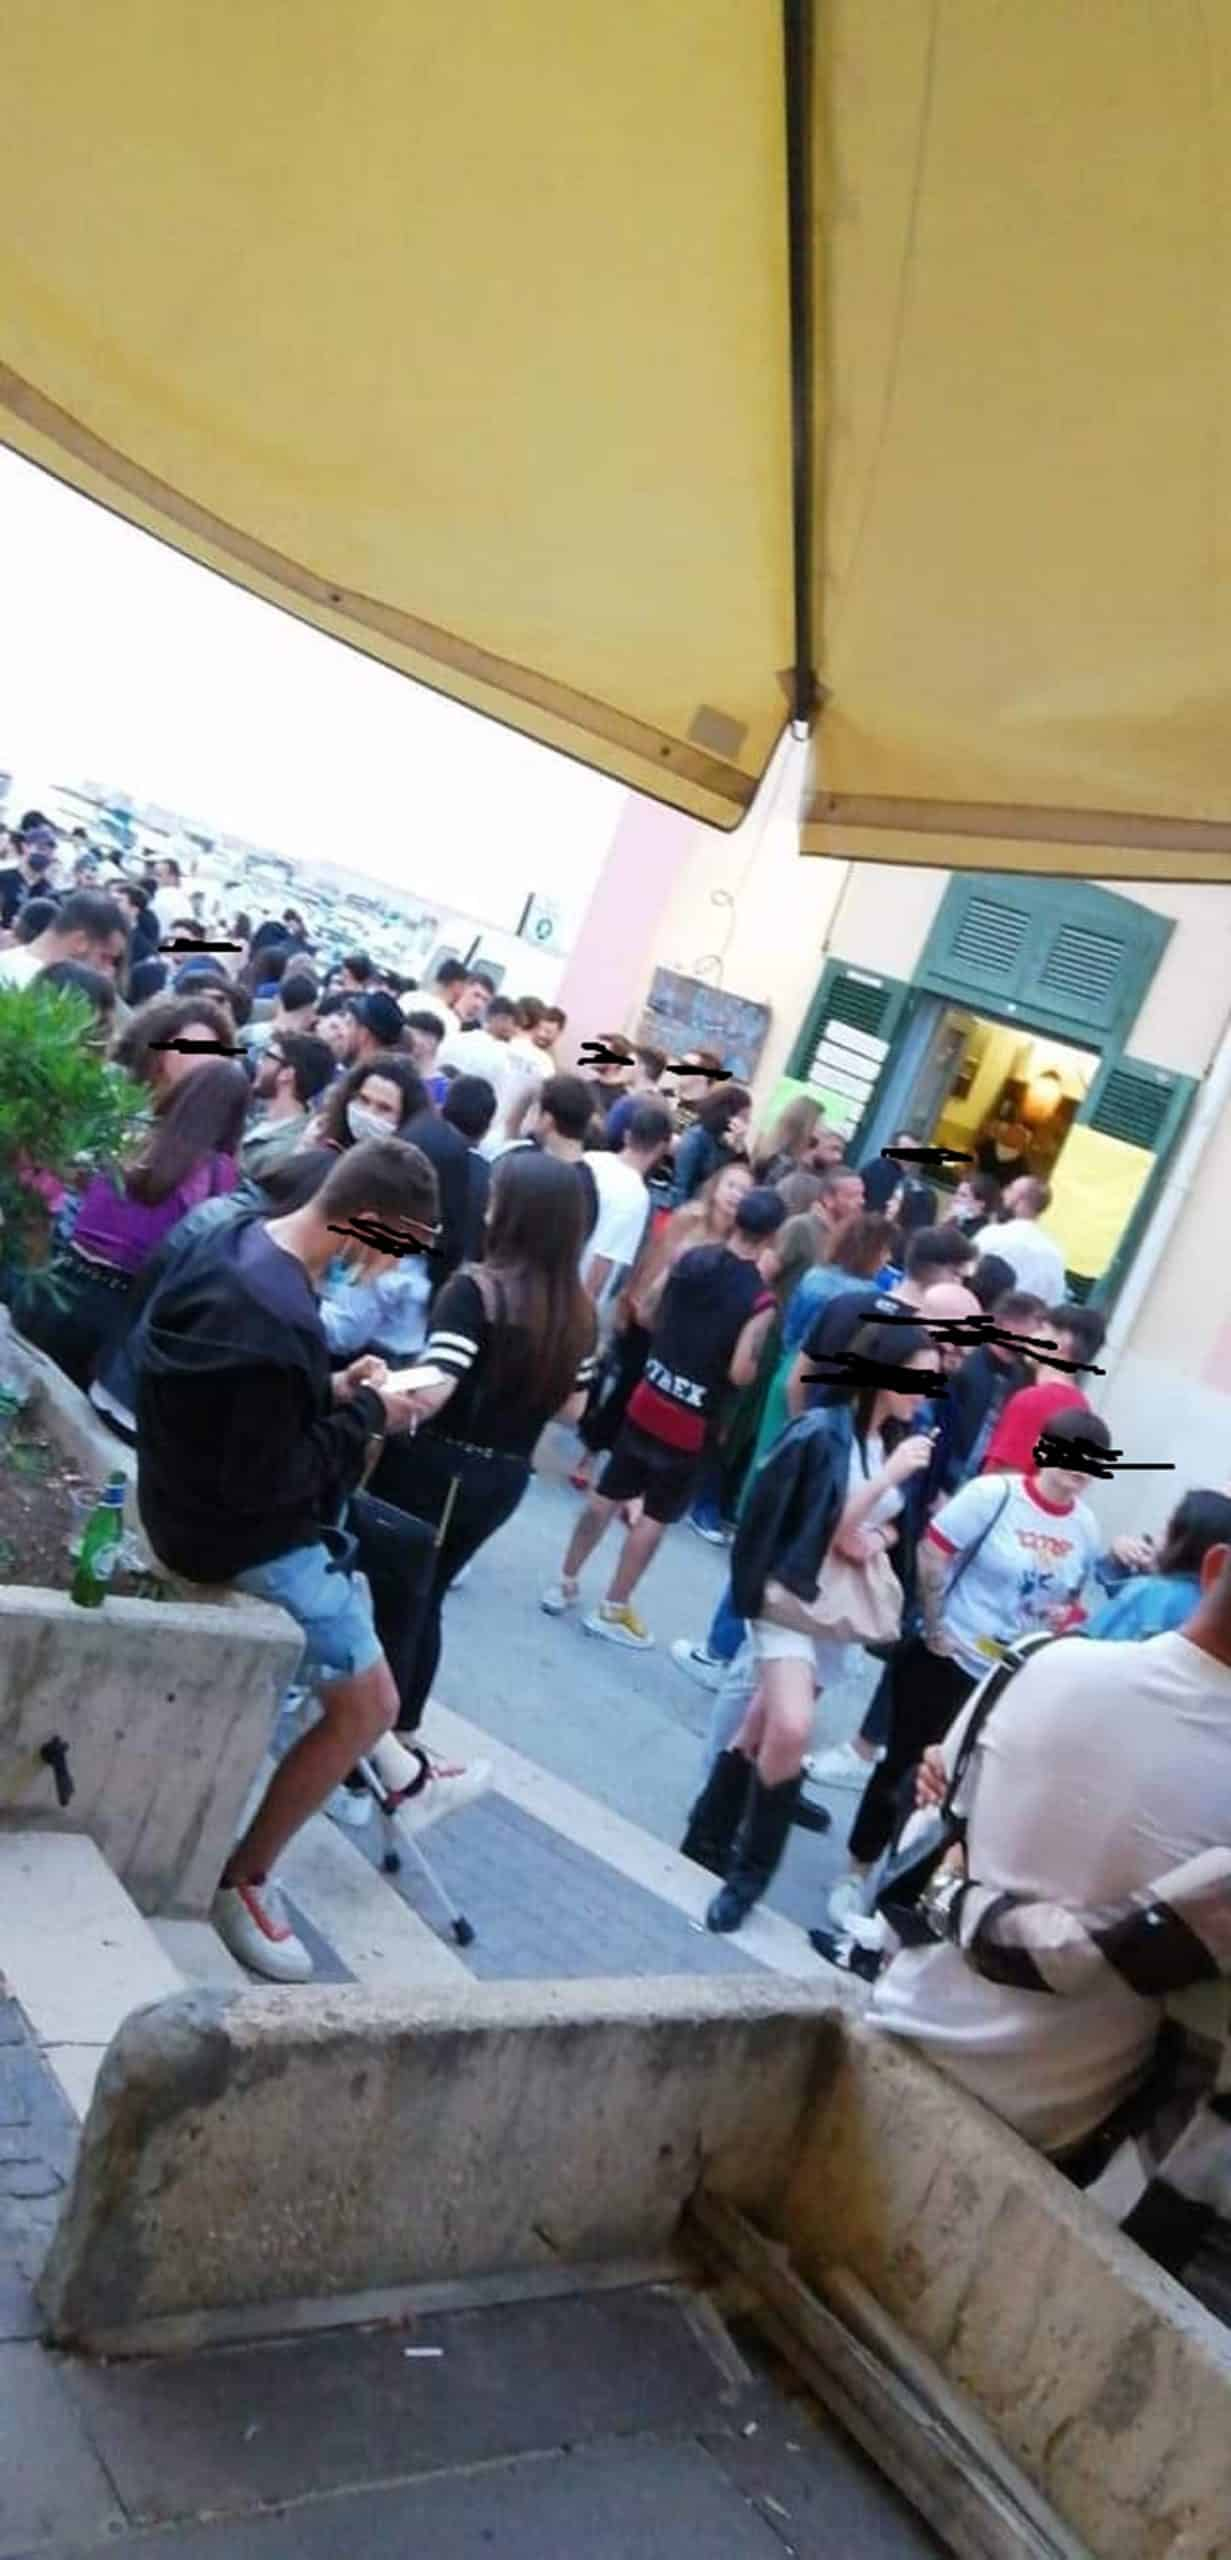 Emergenza Covid-19 a Bari, Torre a Mare presa d'assalto, tantissime persone in pochi metri, molti senza mascherina